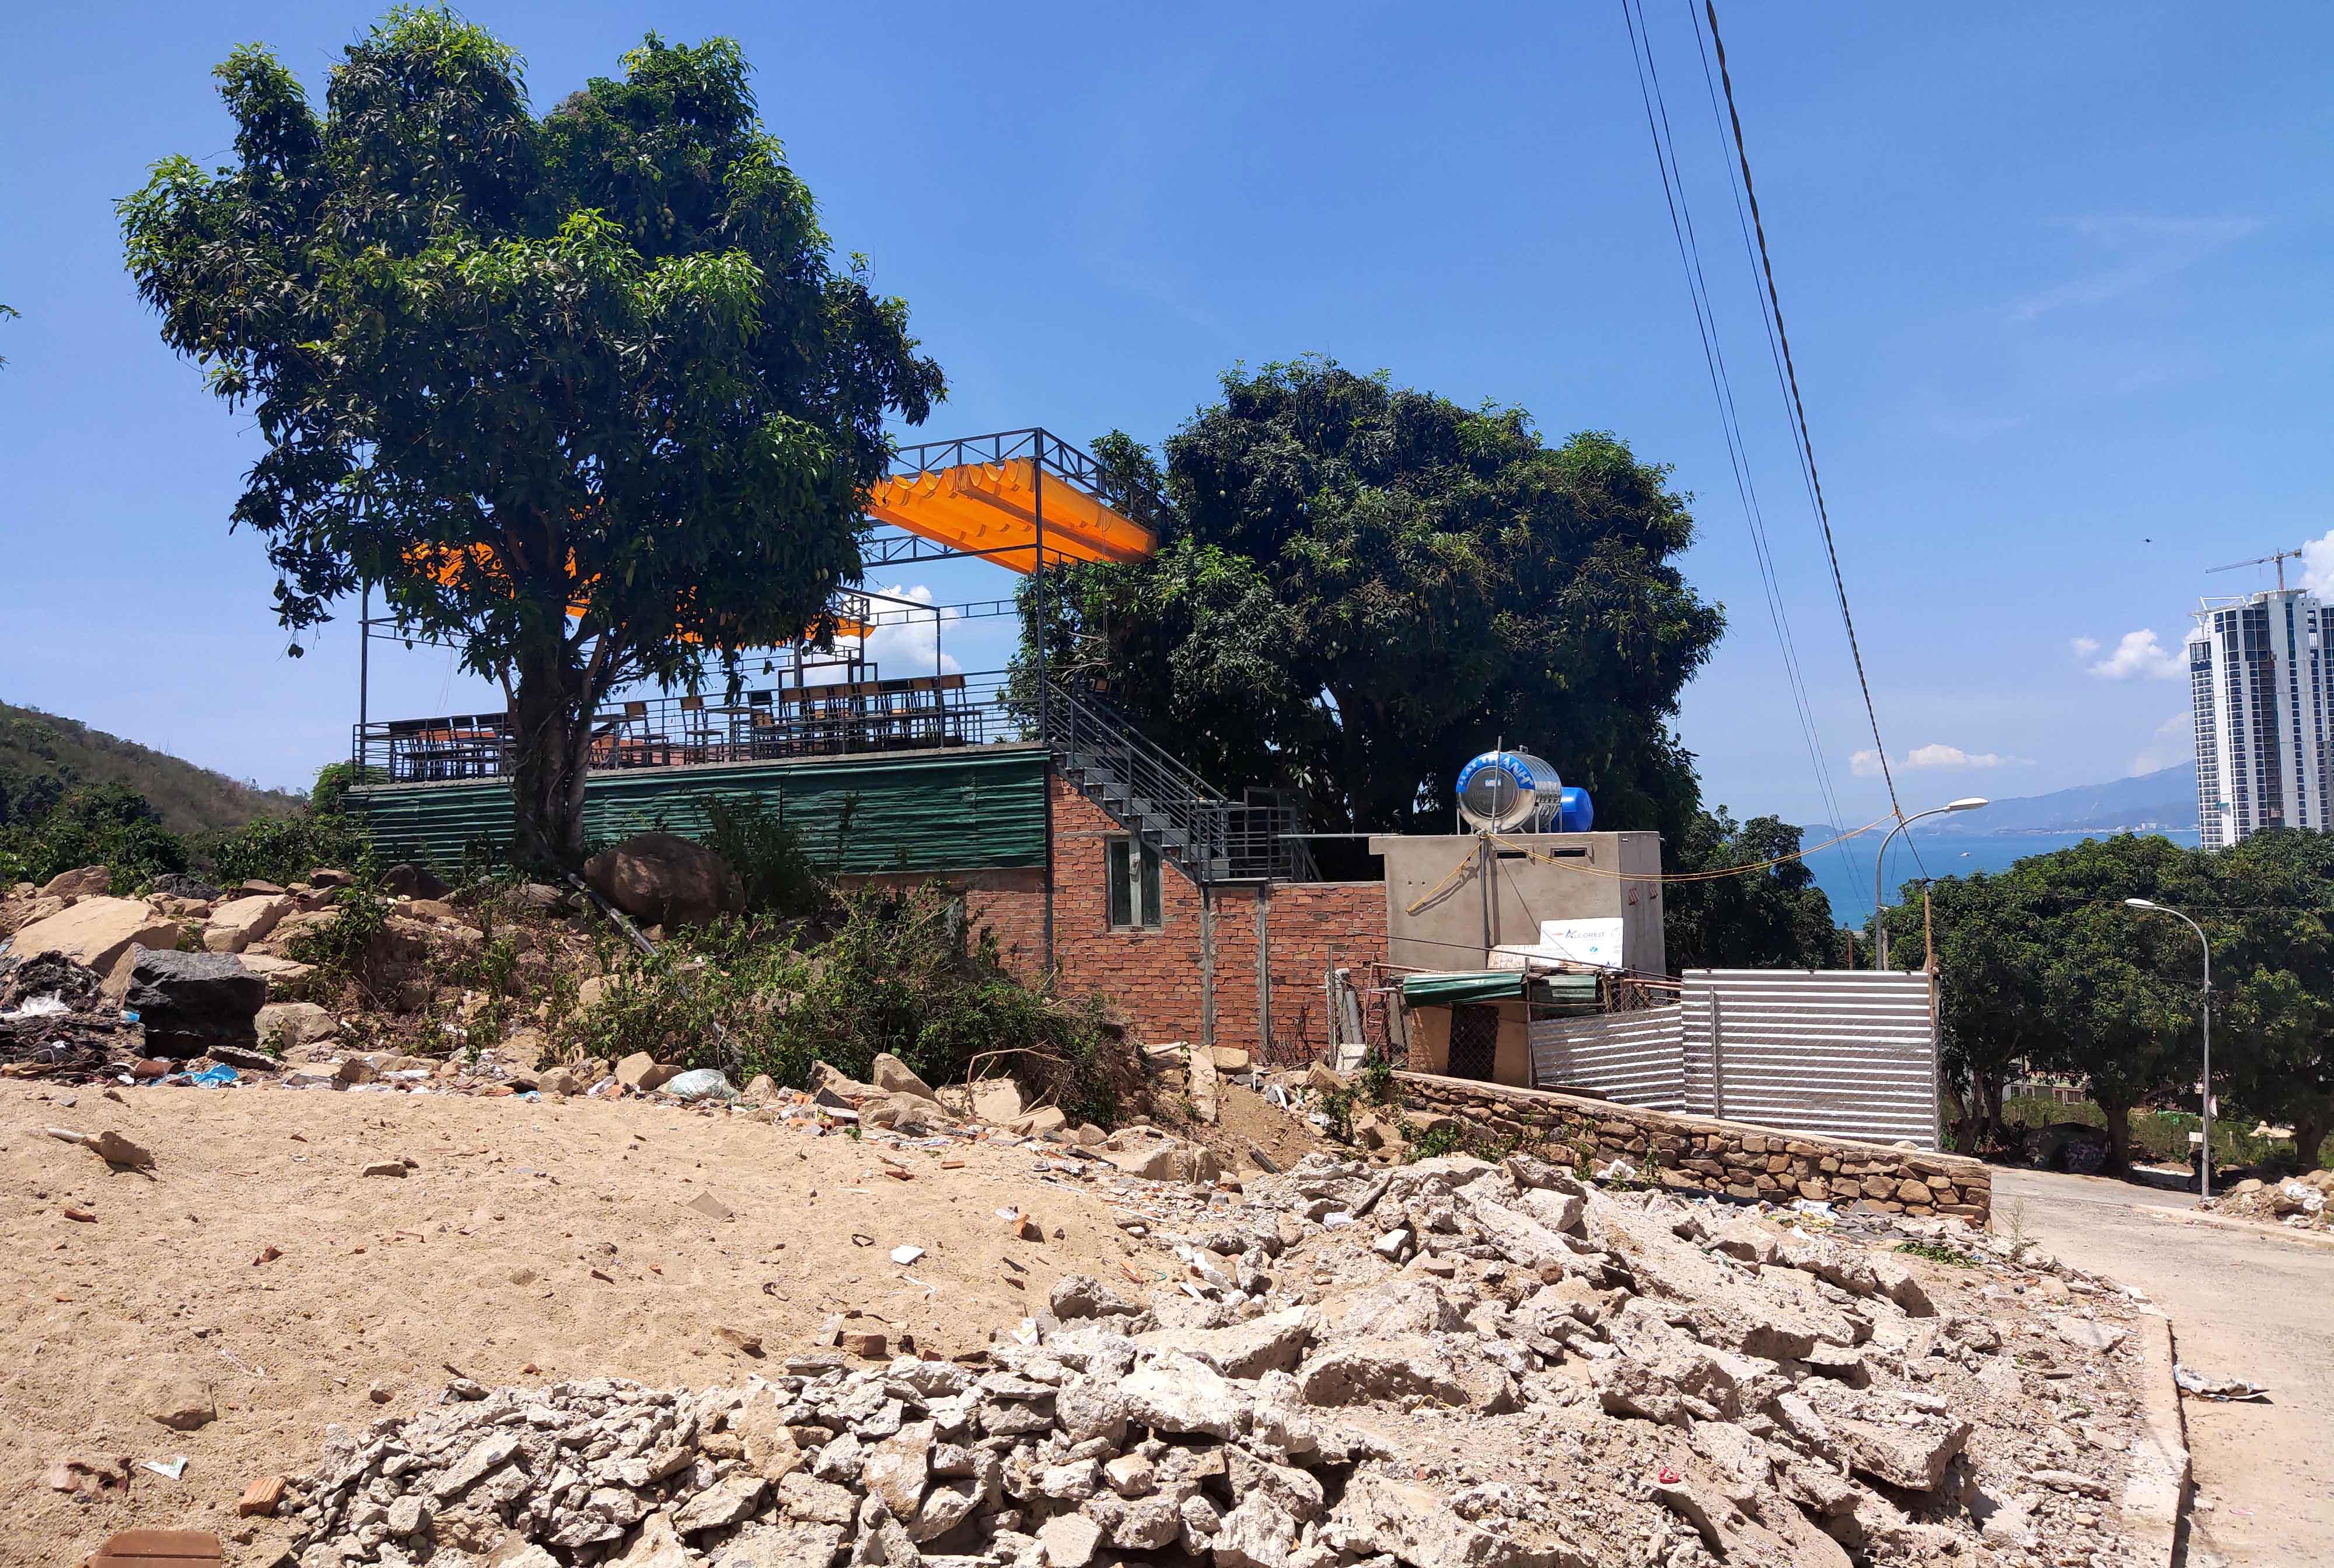 Cận cảnh khu biệt thự 'xây lụi' trên núi cô Tiên  - Ảnh 8.